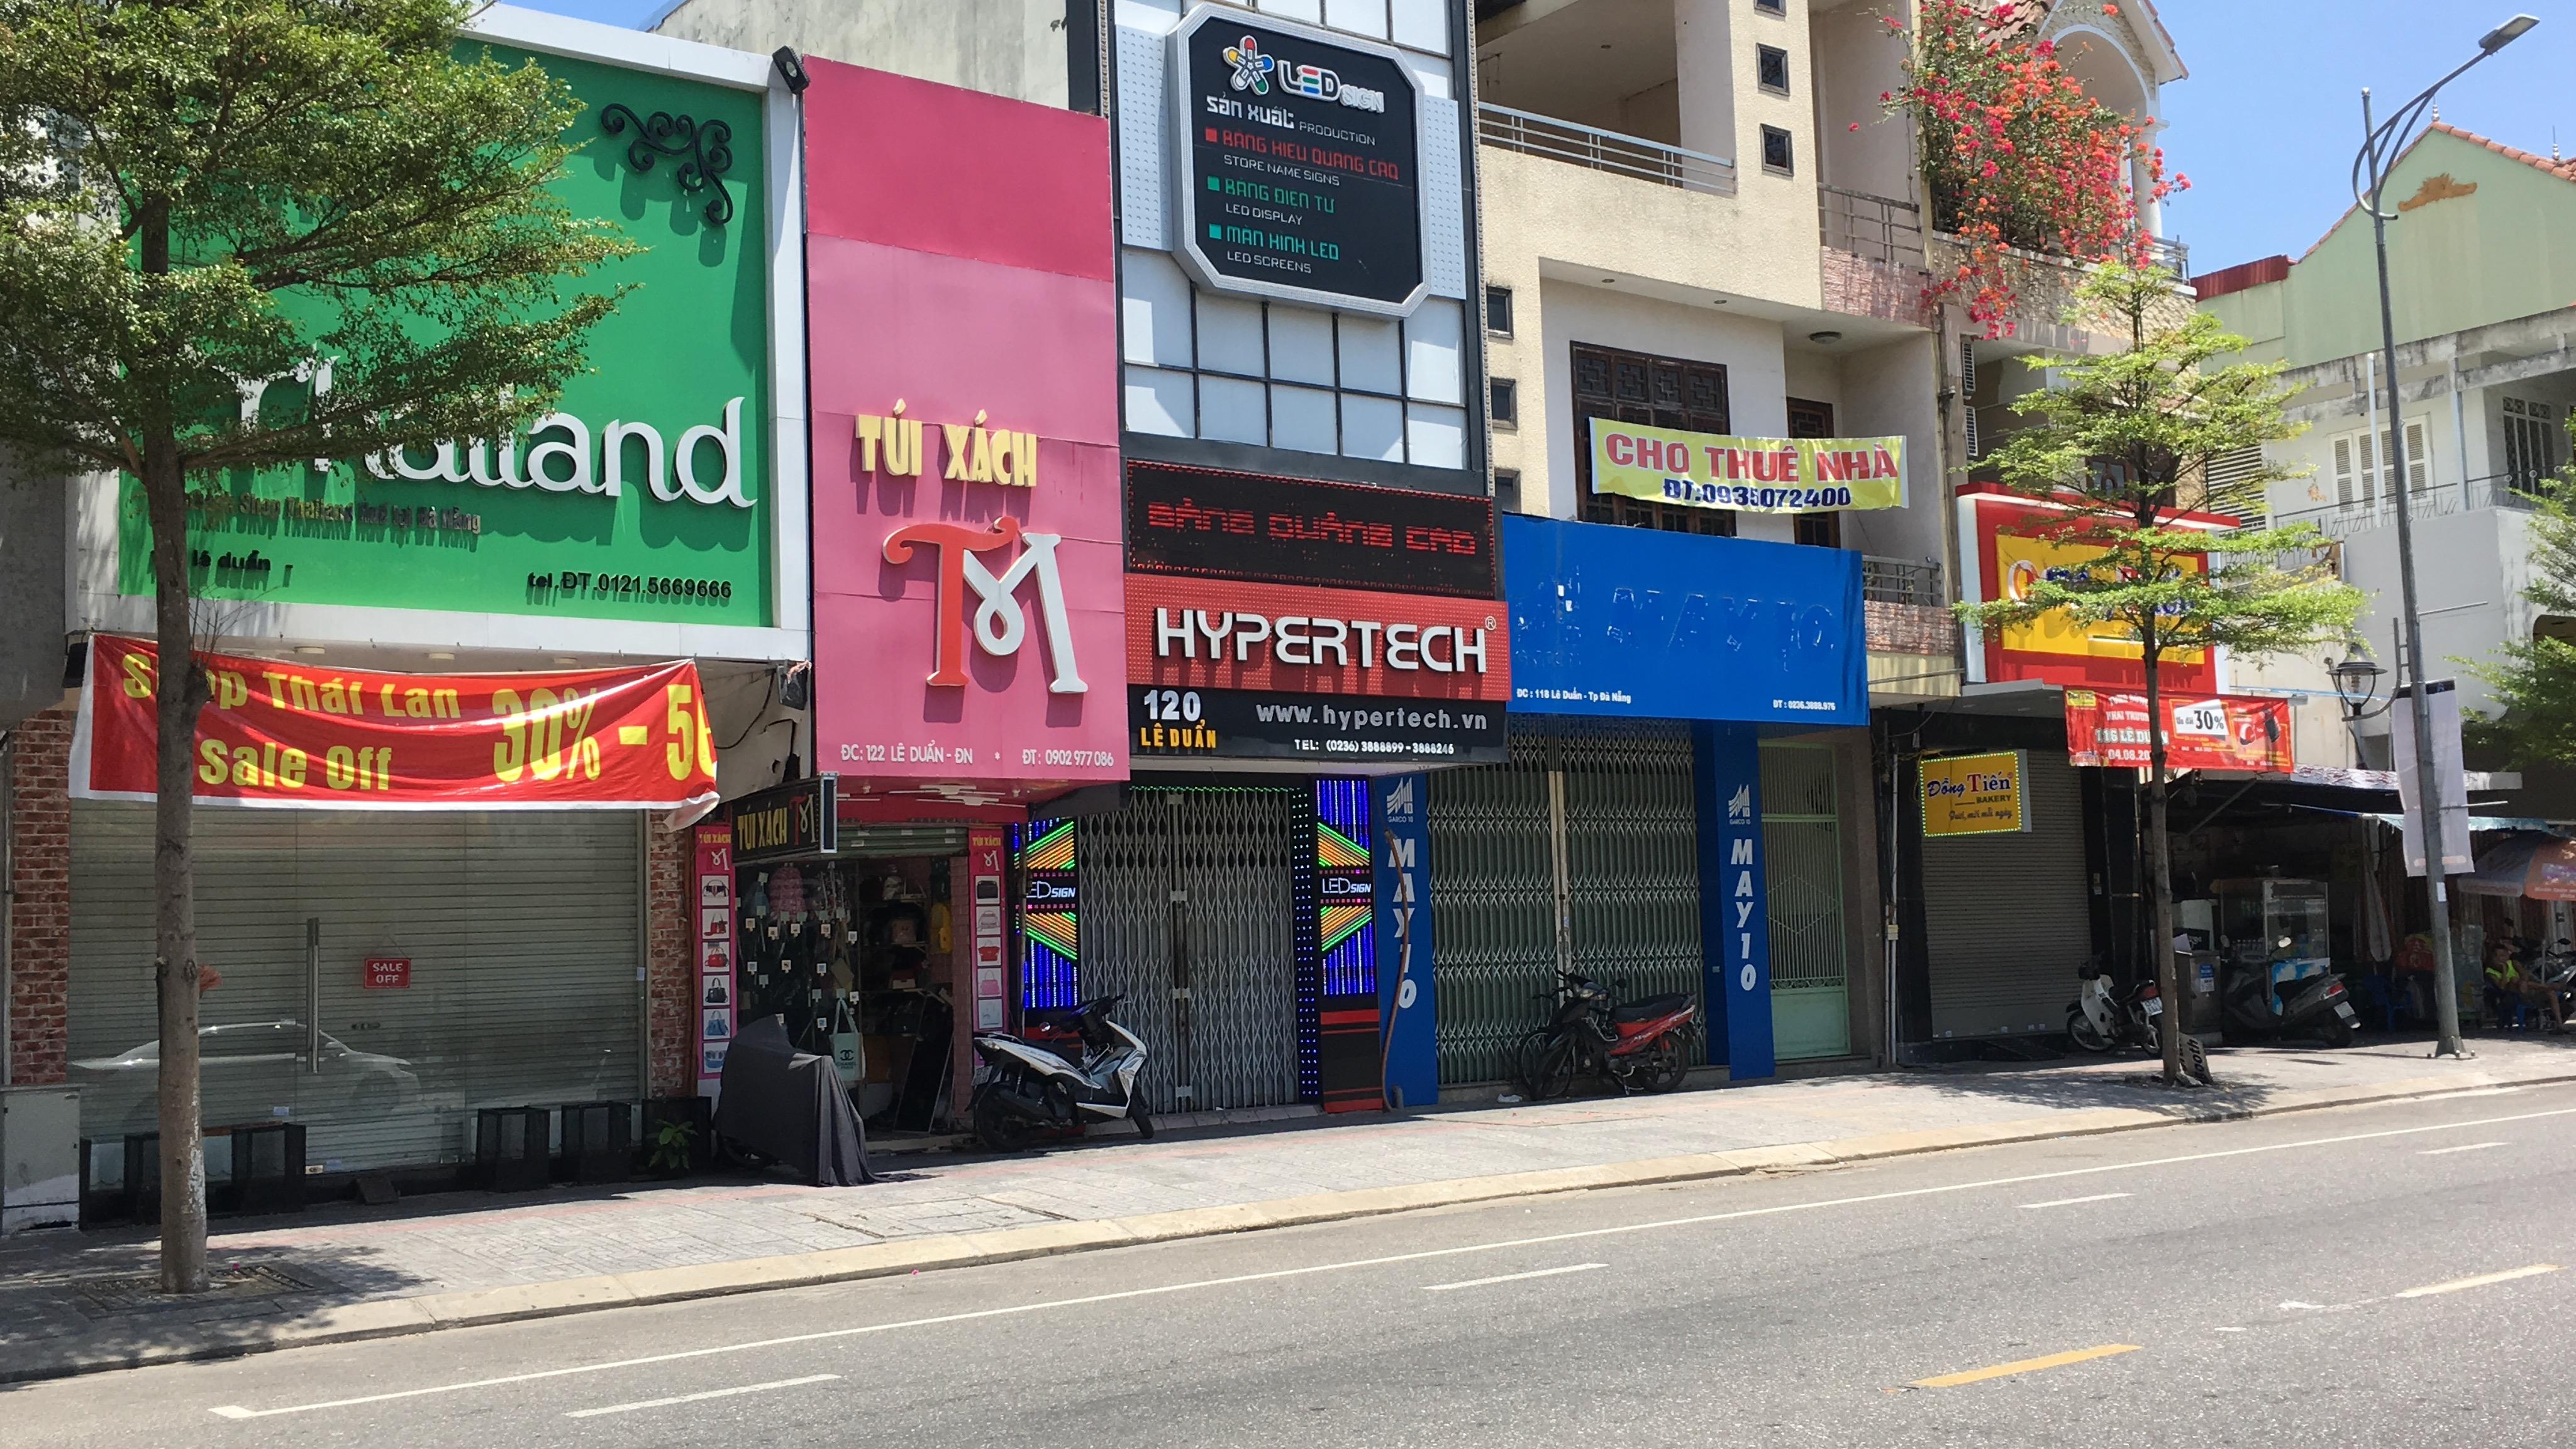 Đà Nẵng nới lỏng giãn cách xã hội: Phố thời trang vẫn đóng cửa không kinh doanh, trong khi hàng quán bán thức ăn mang về đông - Ảnh 6.